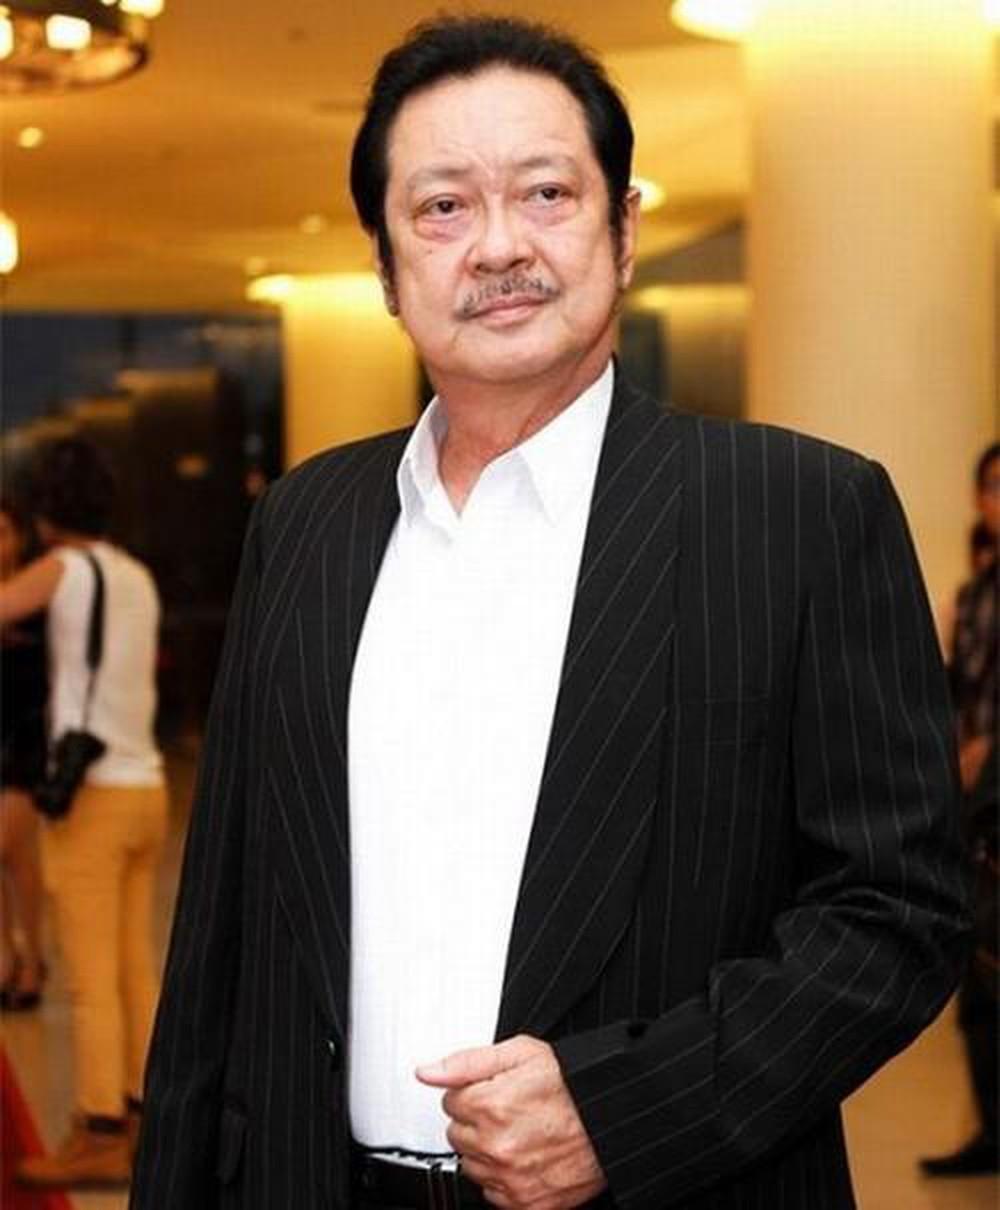 Nghệ sĩ Việt từng là đại gia, phút chốc thân bại danh liệt vì vỡ nợ hàng tỉ đồng - 5